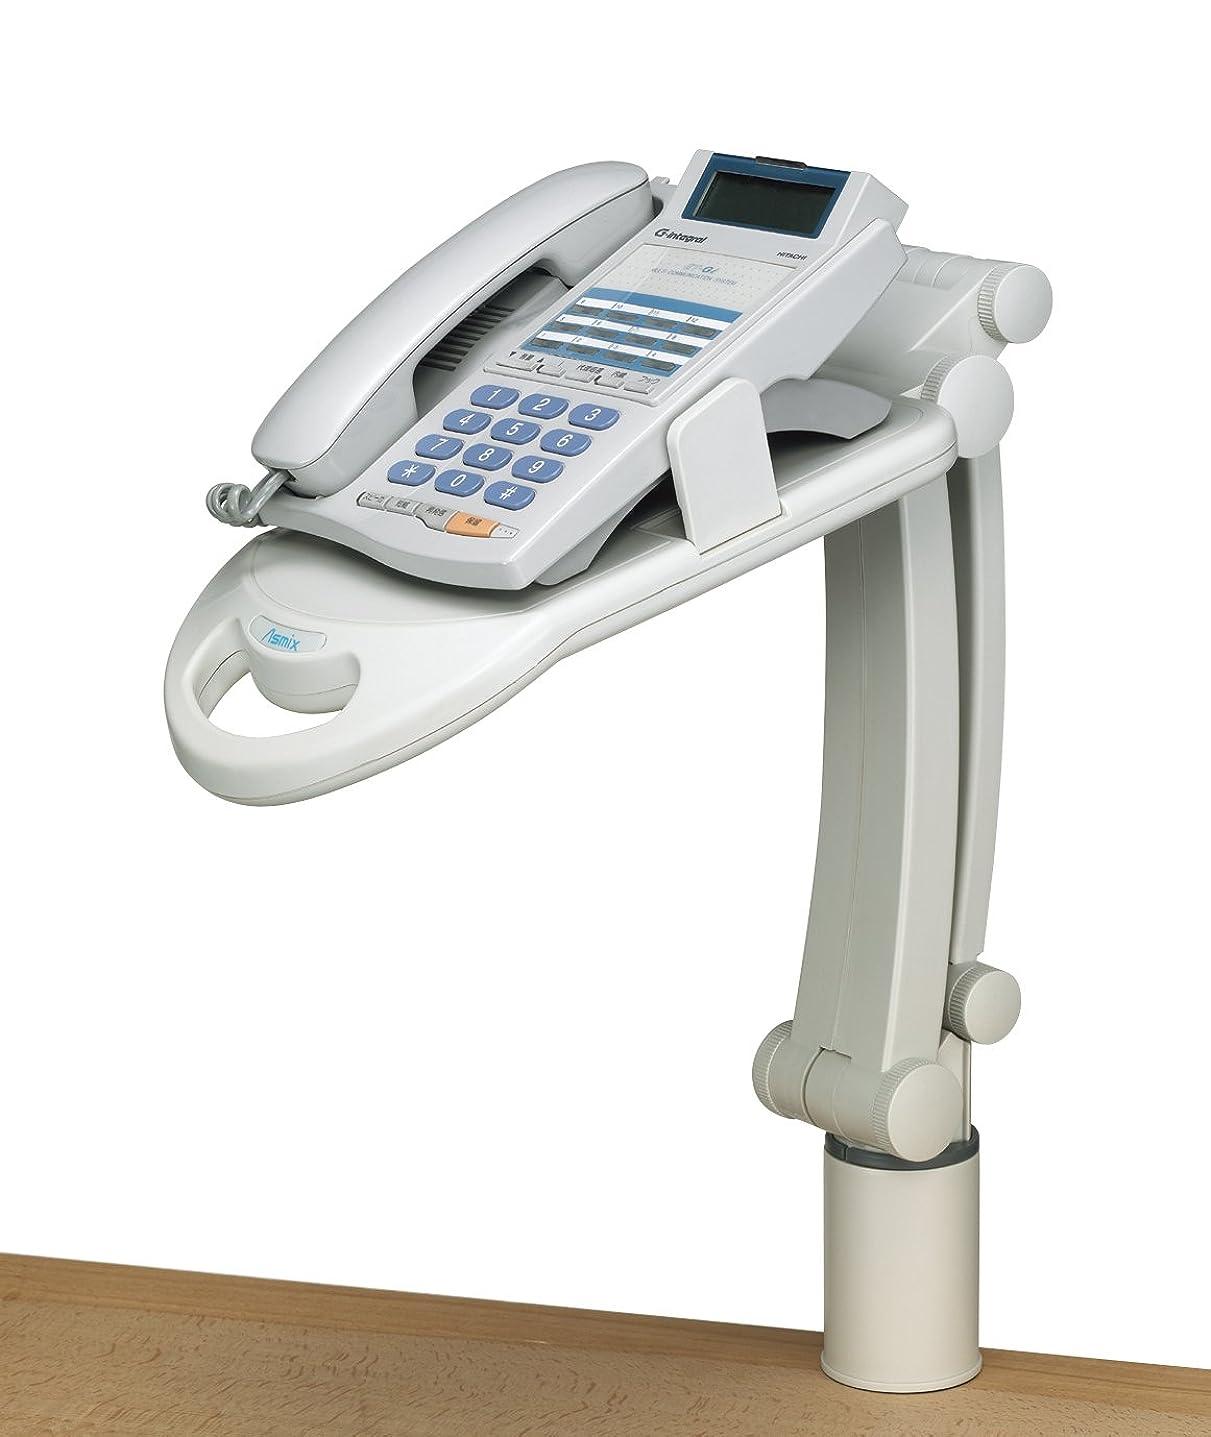 カップ紳士気取りの、きざな考えたアスカ Asmix 電話台 テレホンスタンド TS8802 フレックス 360° クランプ